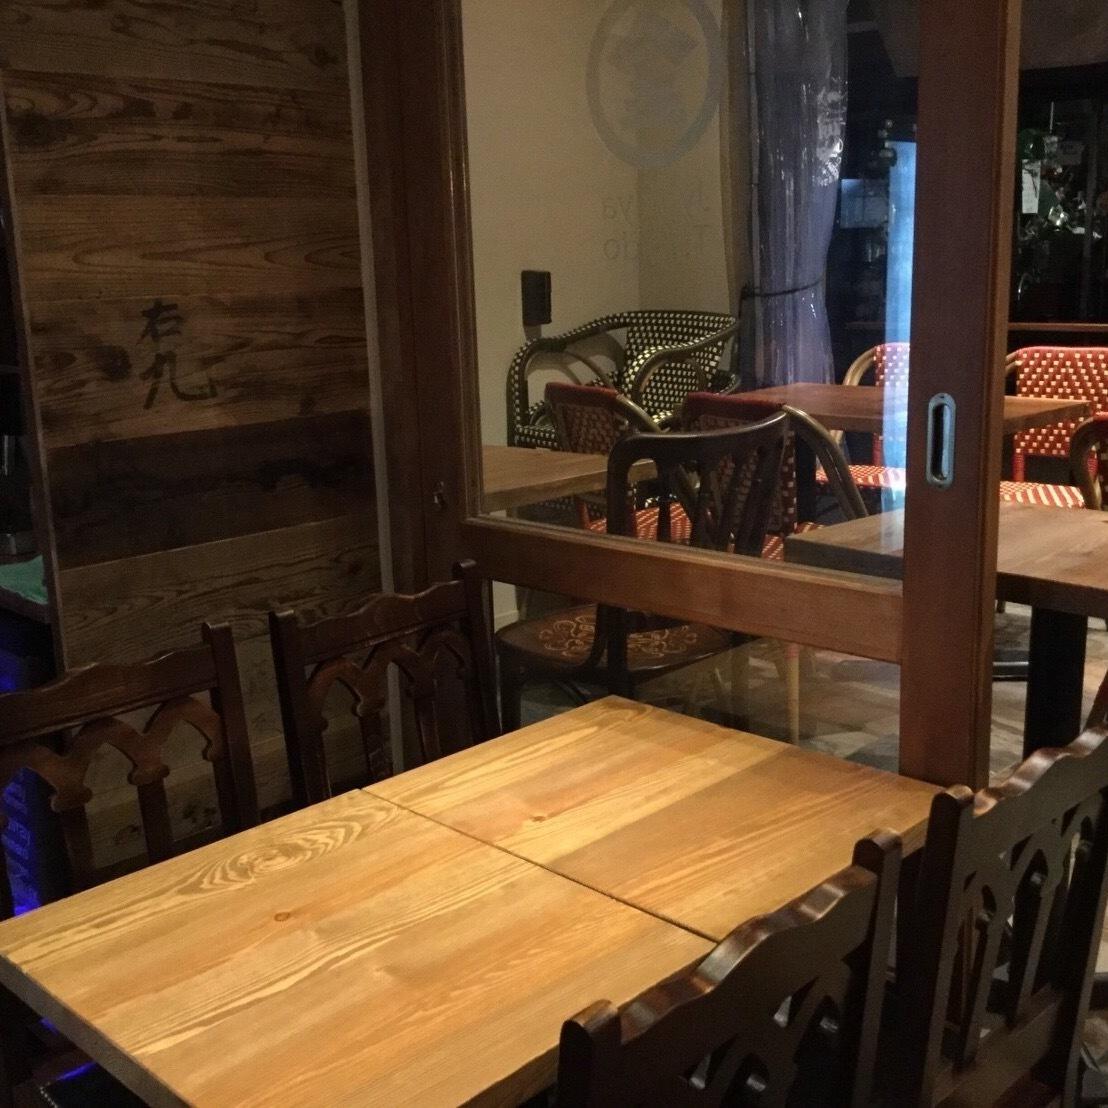 商店內部和商店外面都以溫暖為主要木材。私人,女子協會,生日派對,公司宴會,校友會,包機等。您可以根據您的場景使用。